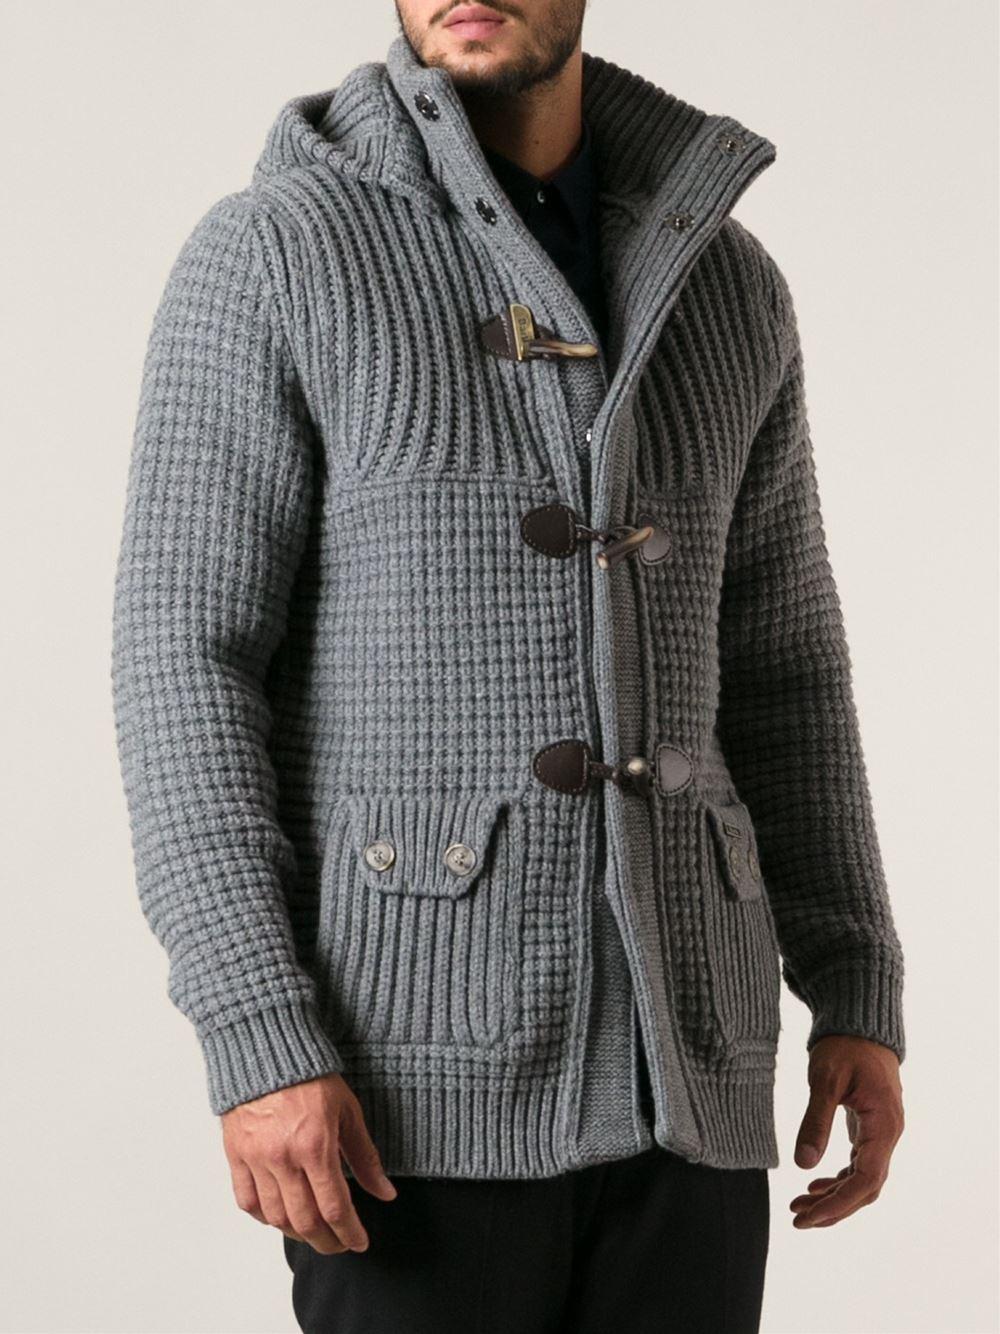 Bark Knitted Short Duffle Coat in Gray for Men   Lyst